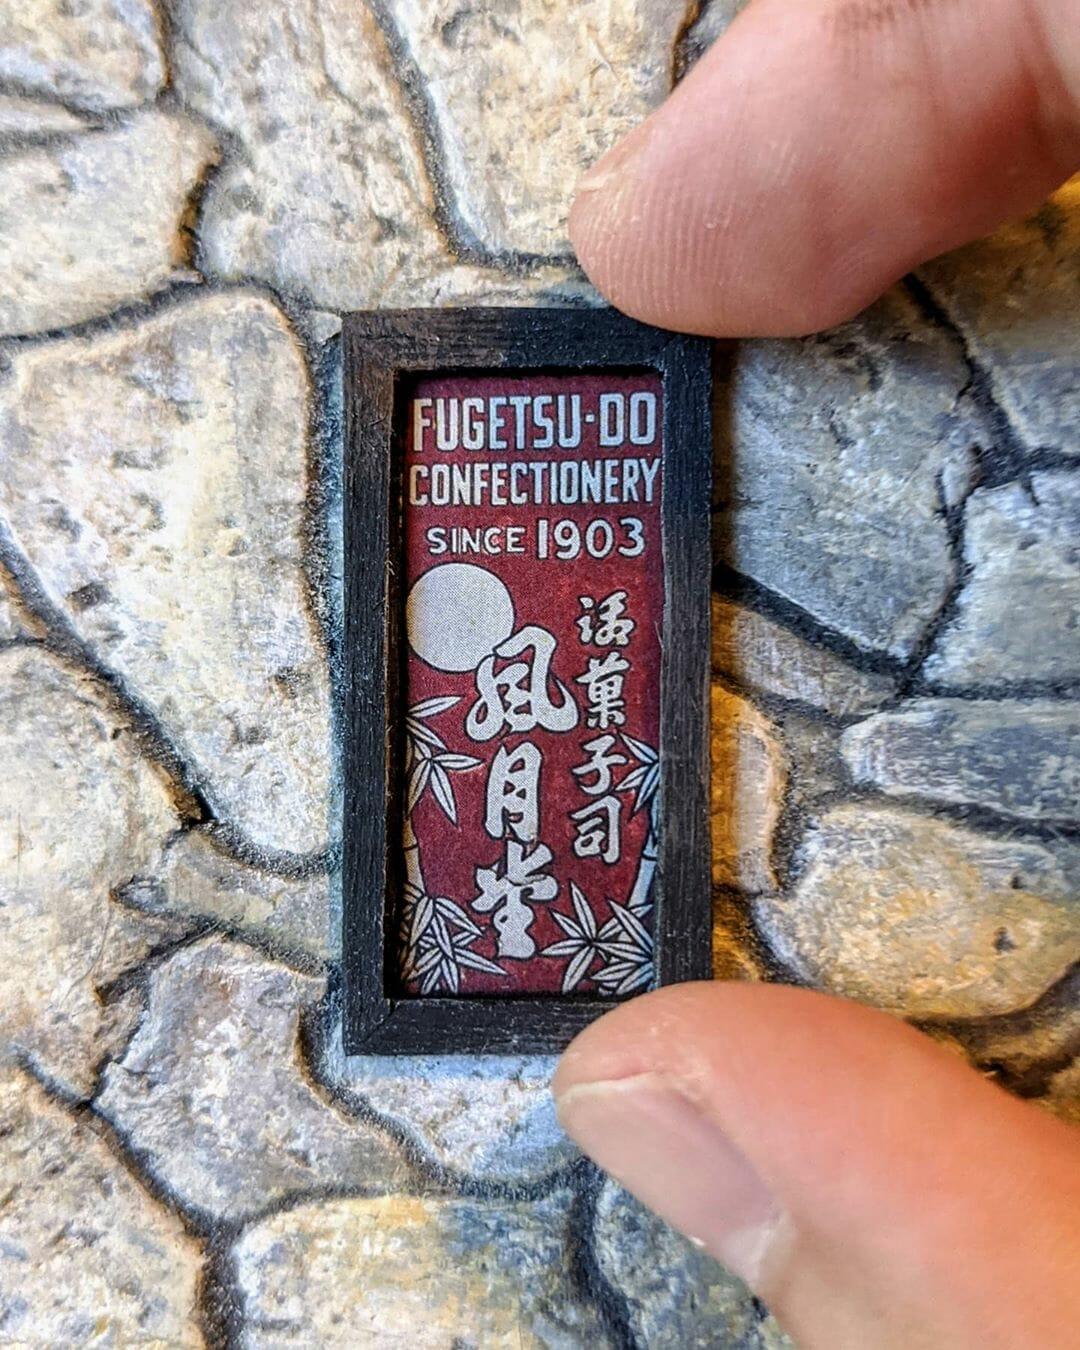 Enseigne miniature de Fugetsu-Do, fabriquée par Kieran Wright